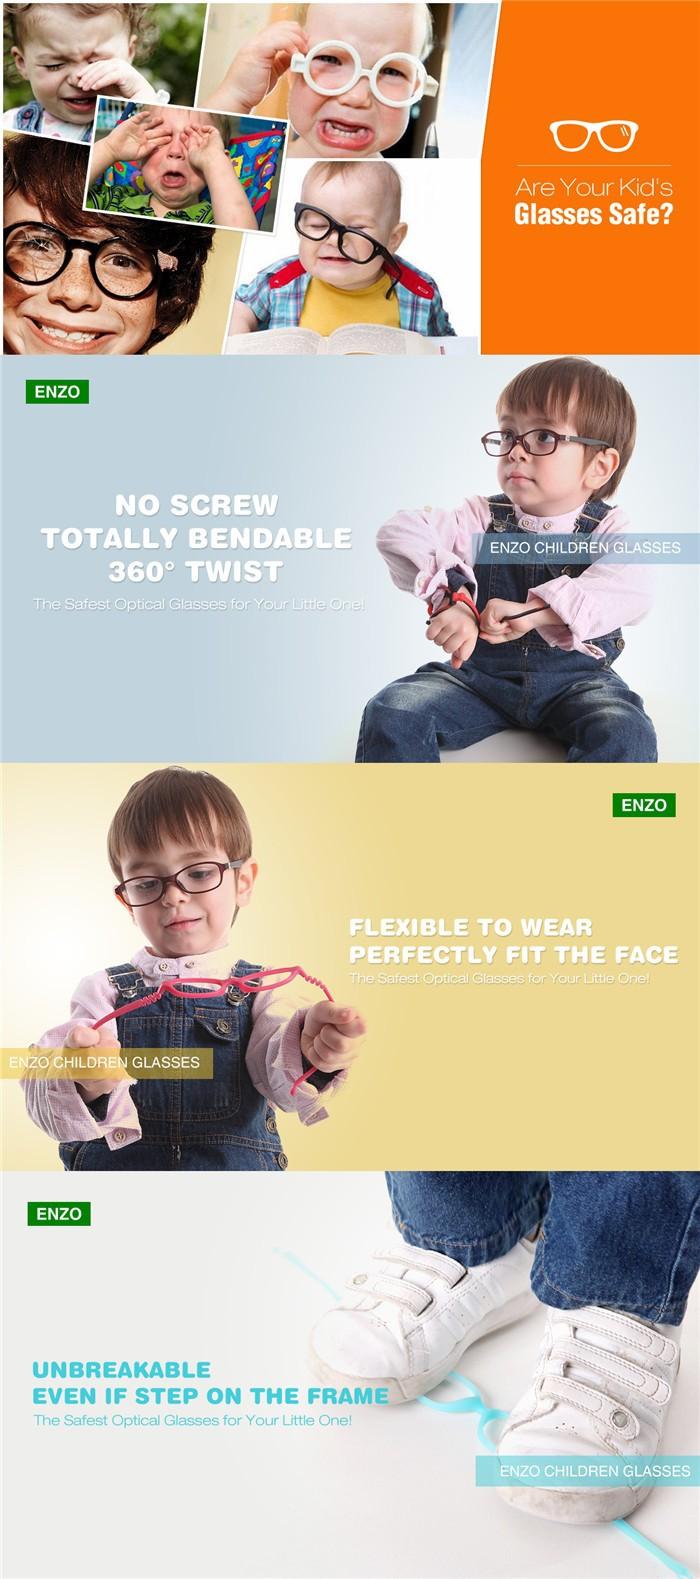 ENZO Children Glasses